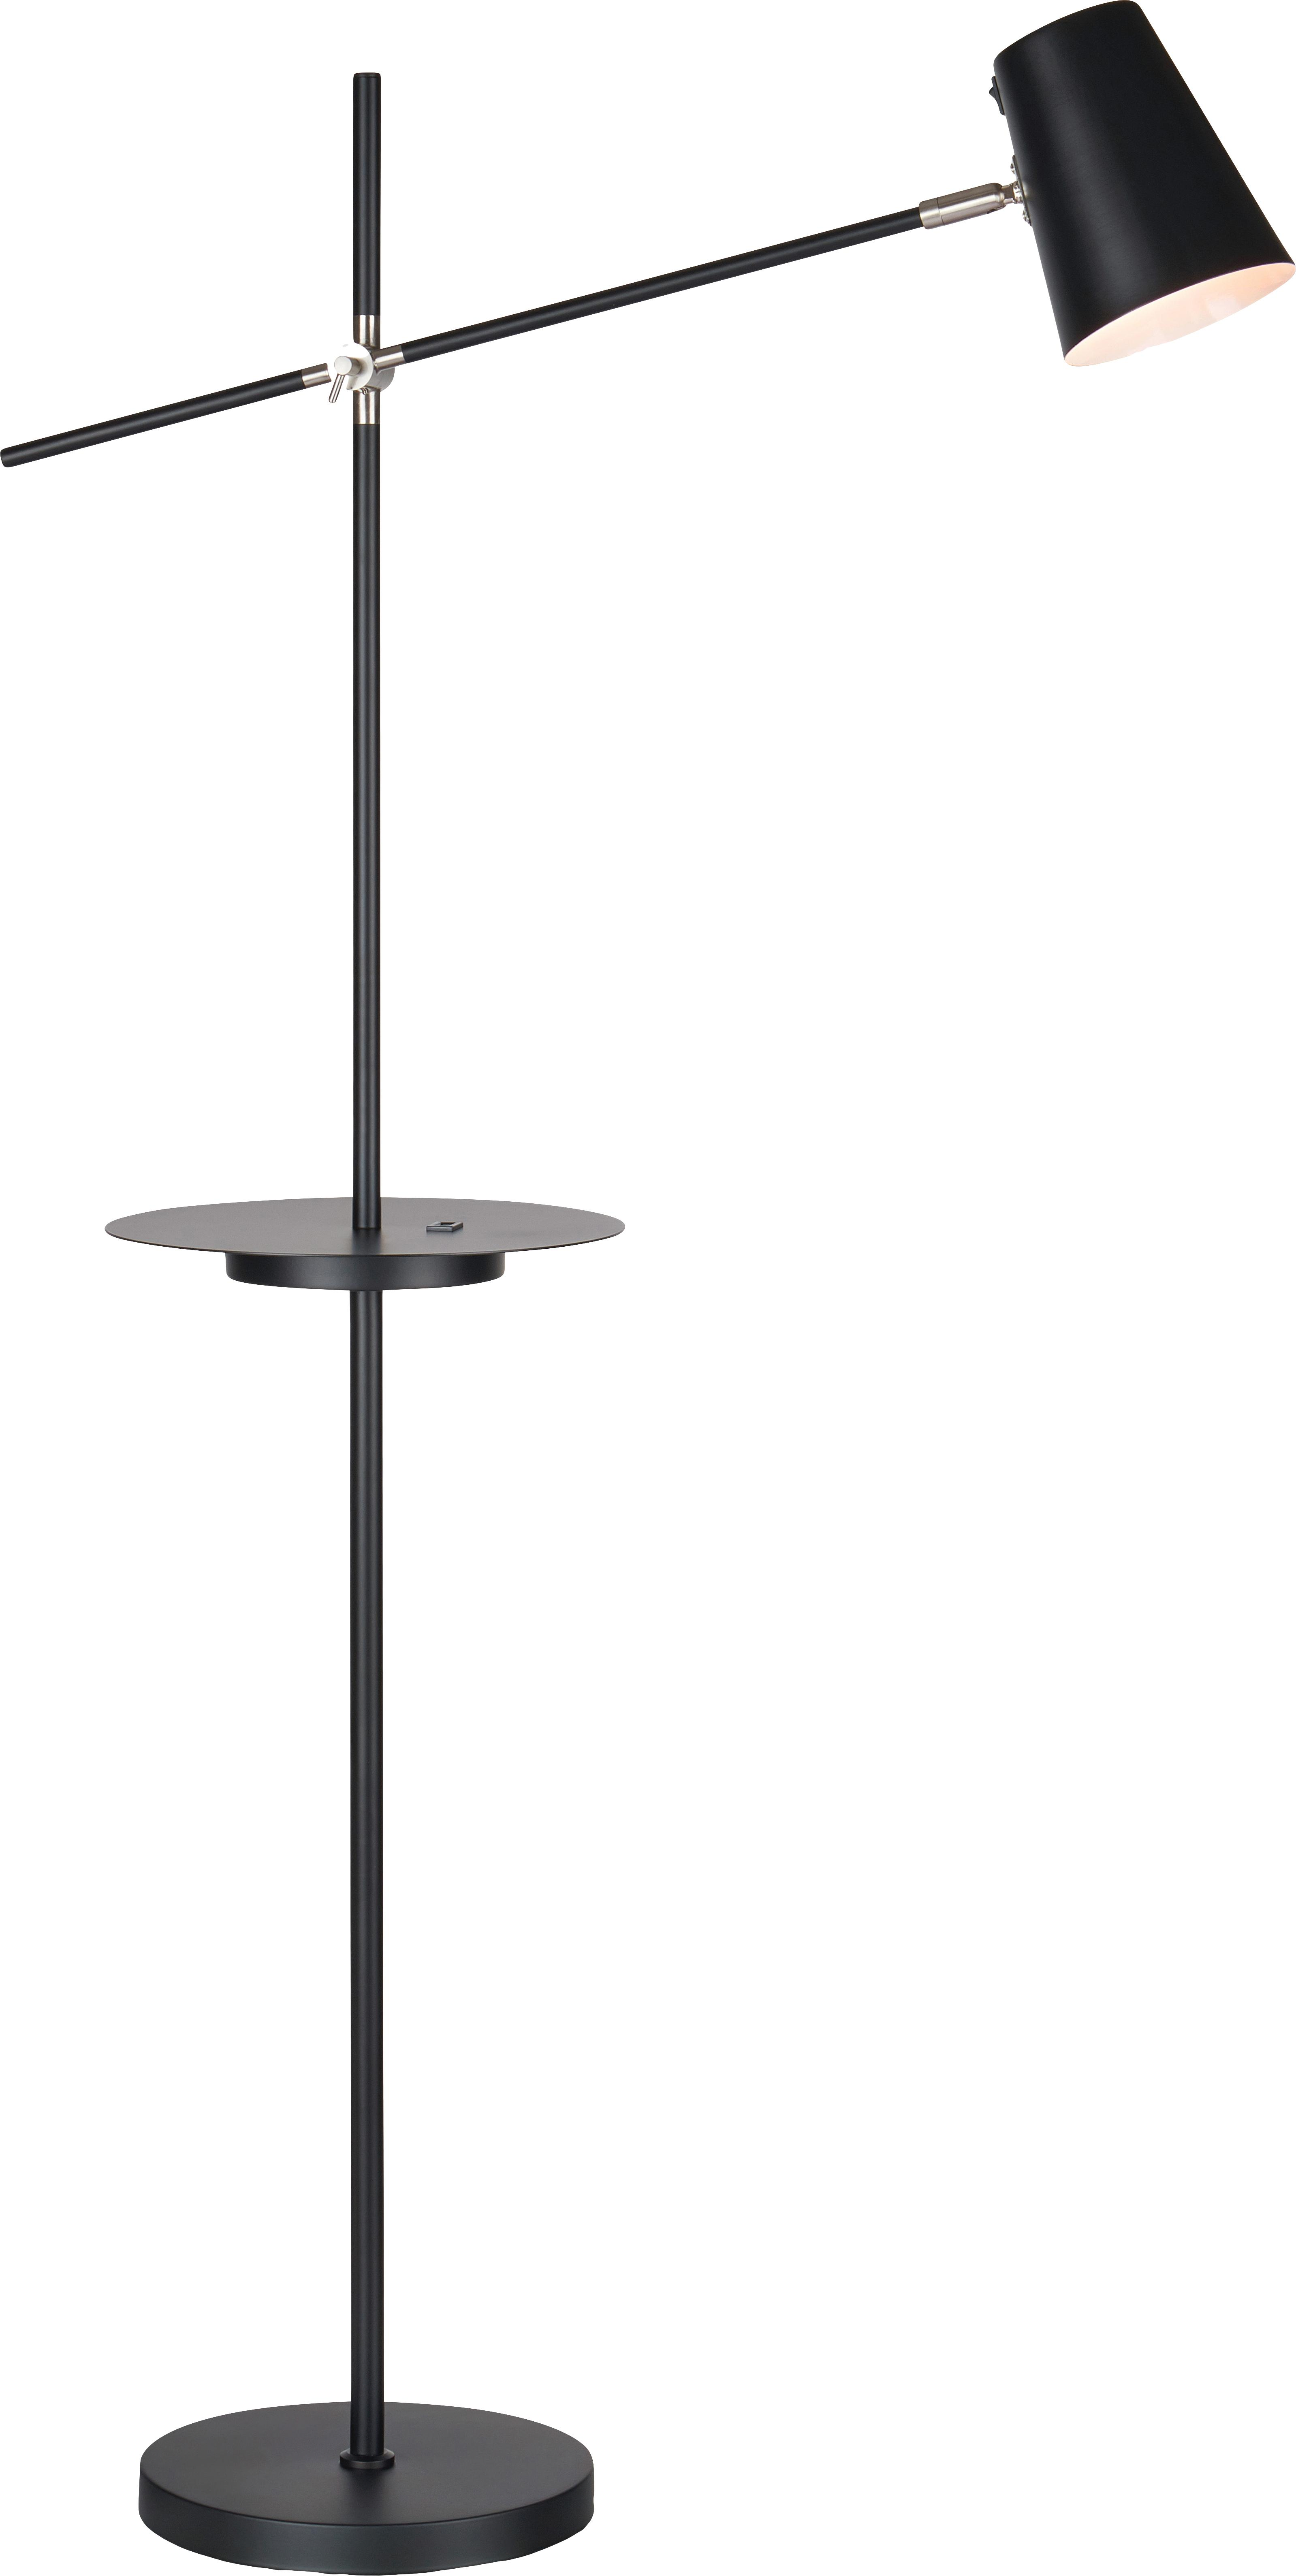 Lampada da terra con mensola e connessione USB Linear, Lampada: metallo rivestito, Nero, Larg. 28 x Alt. 144 cm